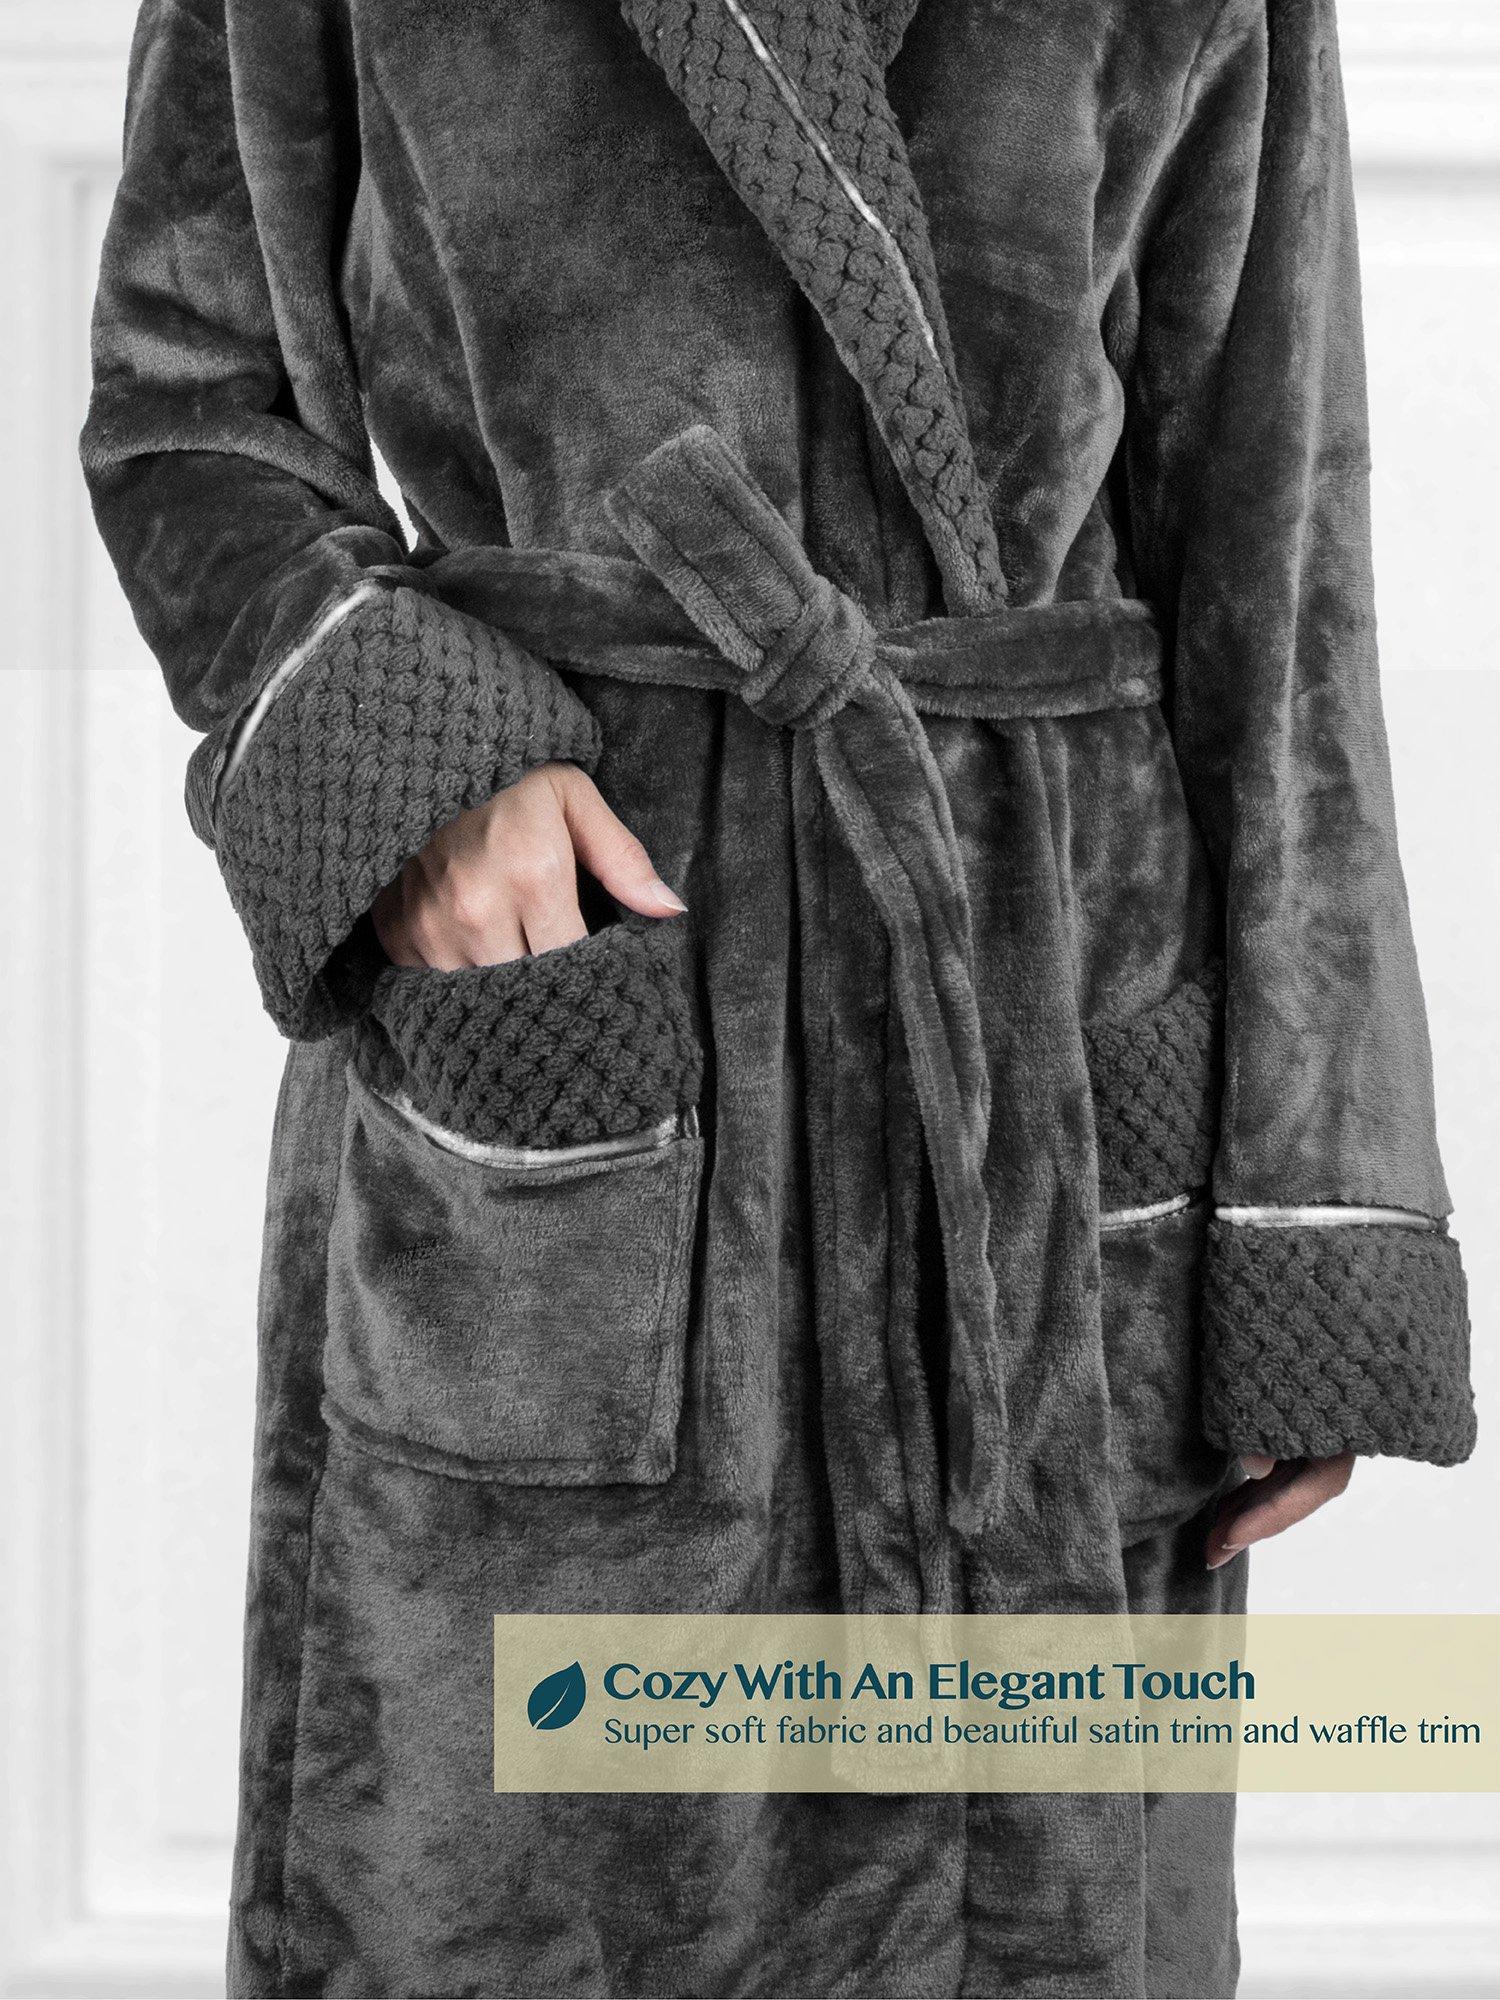 Deluxe Women Fleece Robe with Satin Trim | Luxurious Plush Spa Bathrobe Waffle Design by PAVILIA (Image #5)